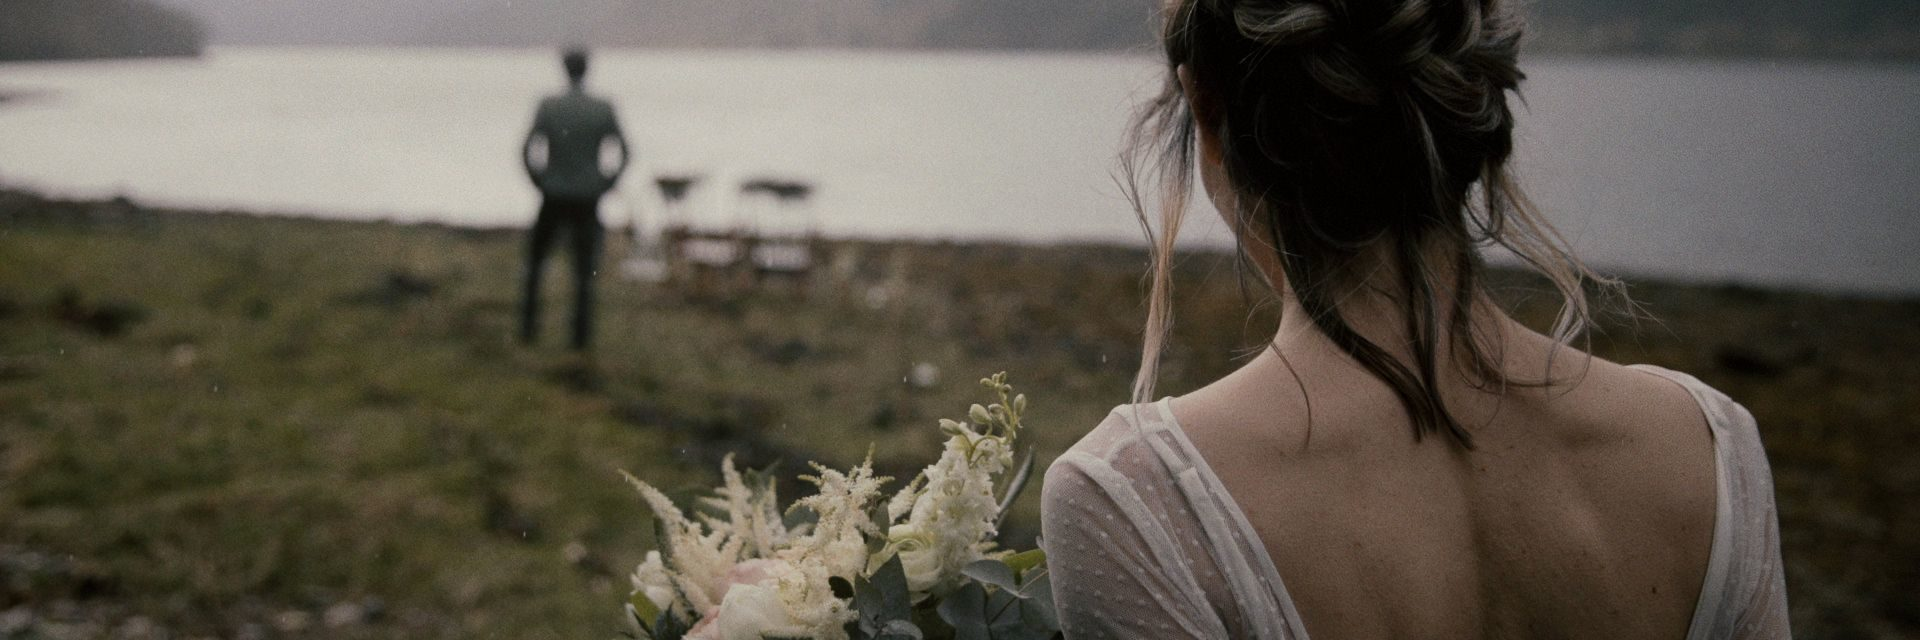 dunskey-estate-wedding-films-cinemate-films-02